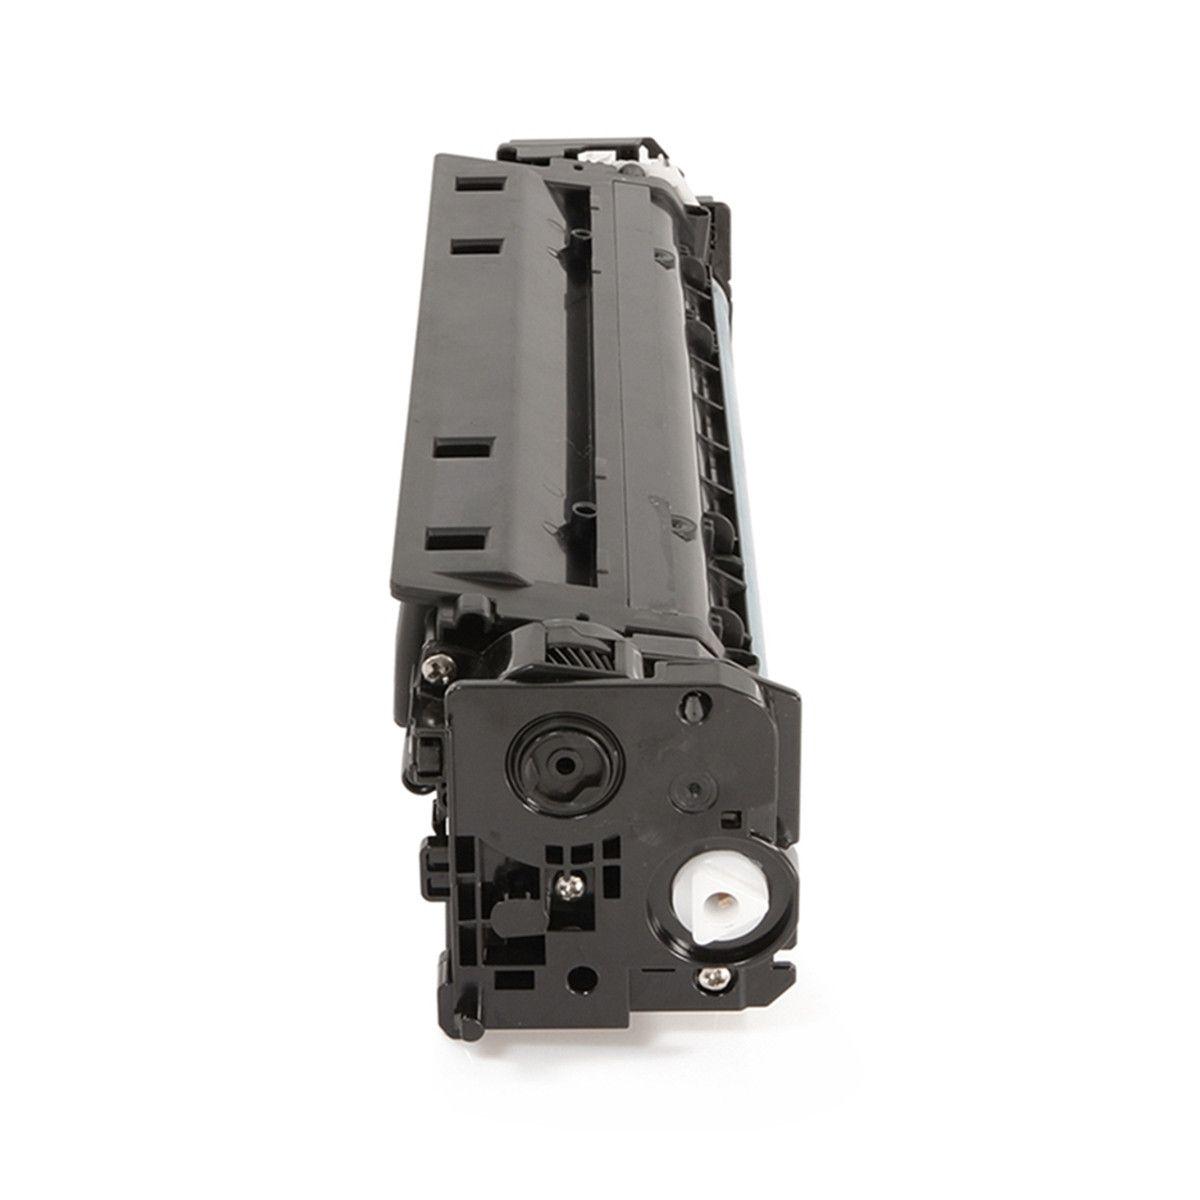 TONER COMPATÍVEL COM HP CF380A 312A UNIVERSAL M476 M476NW M476DW Black 3.500 Páginas - Cartucho & Cia